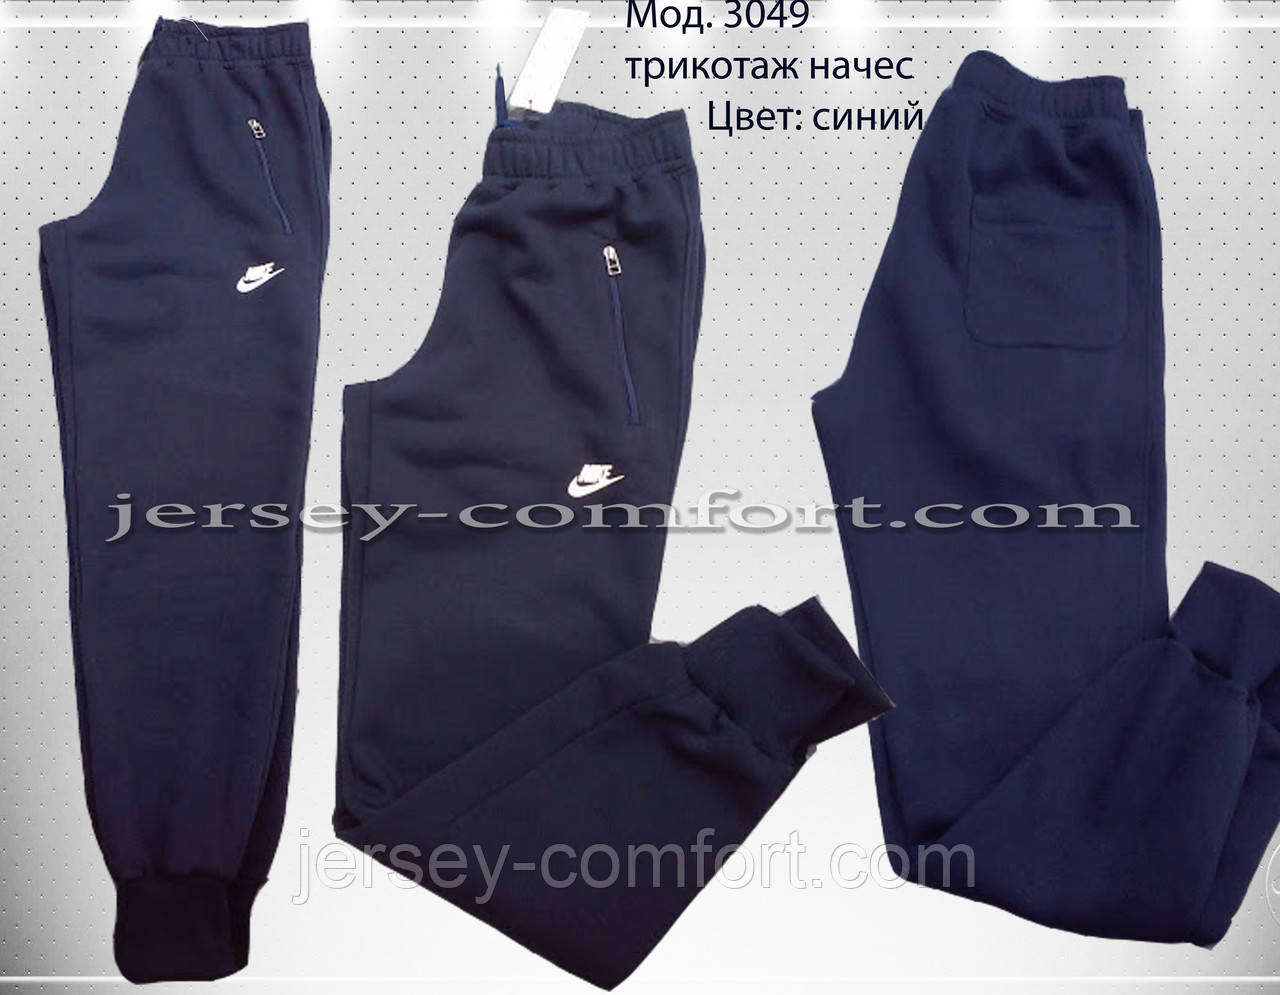 Мужские утепленные брюки- трикотаж-начес.На манжете. Разные цвета.